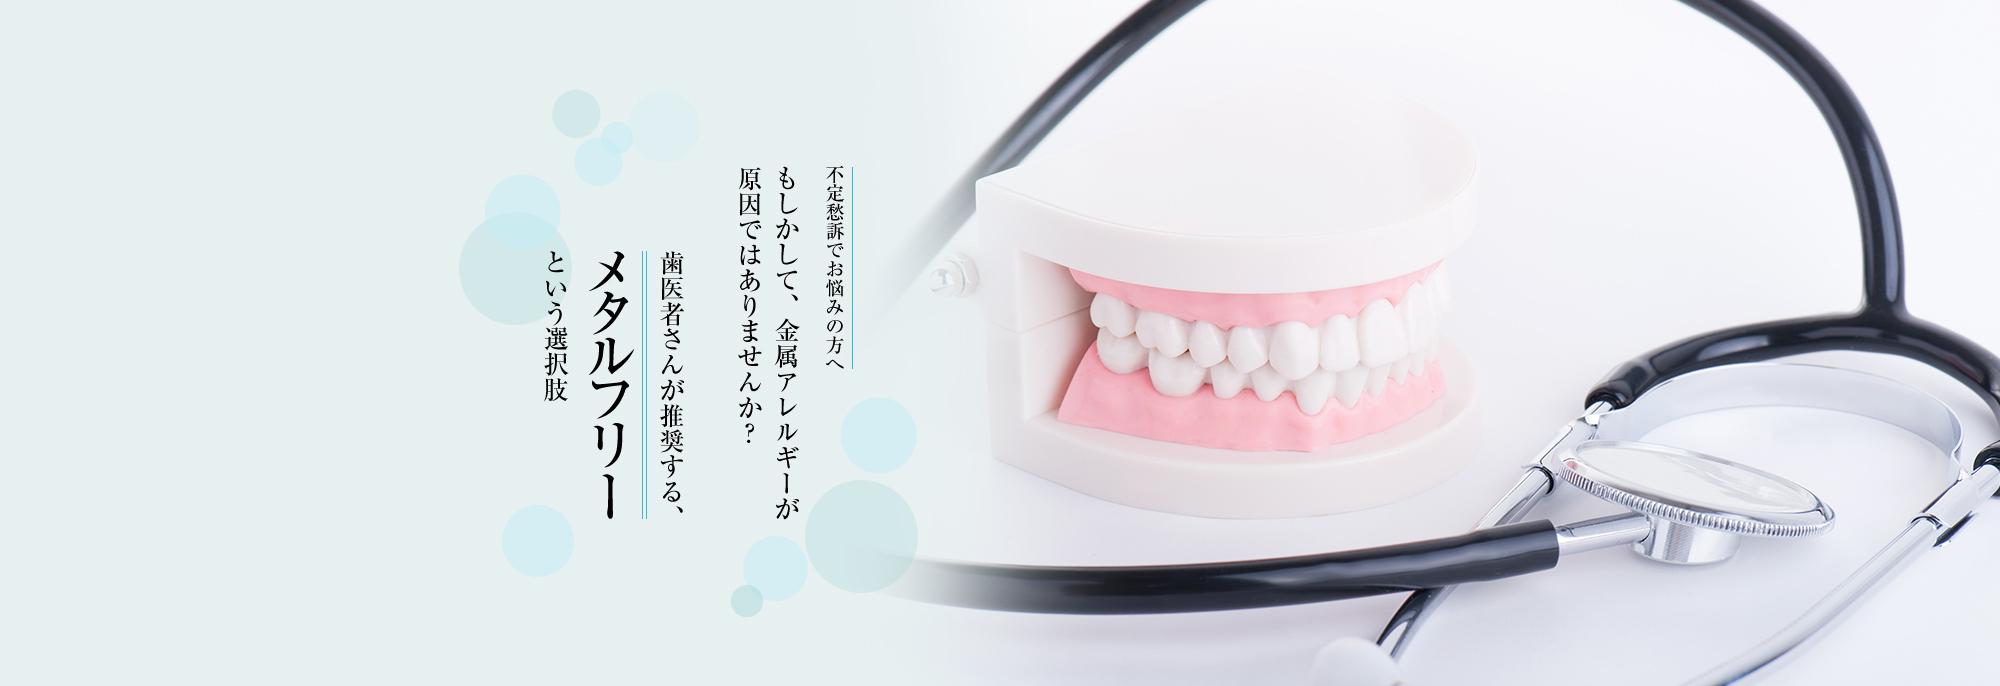 不定愁訴でお悩みの方へ もしかして、金属アレルギーが原因ではありませんか?歯医者さんが推奨する、メタルフリーという選択肢